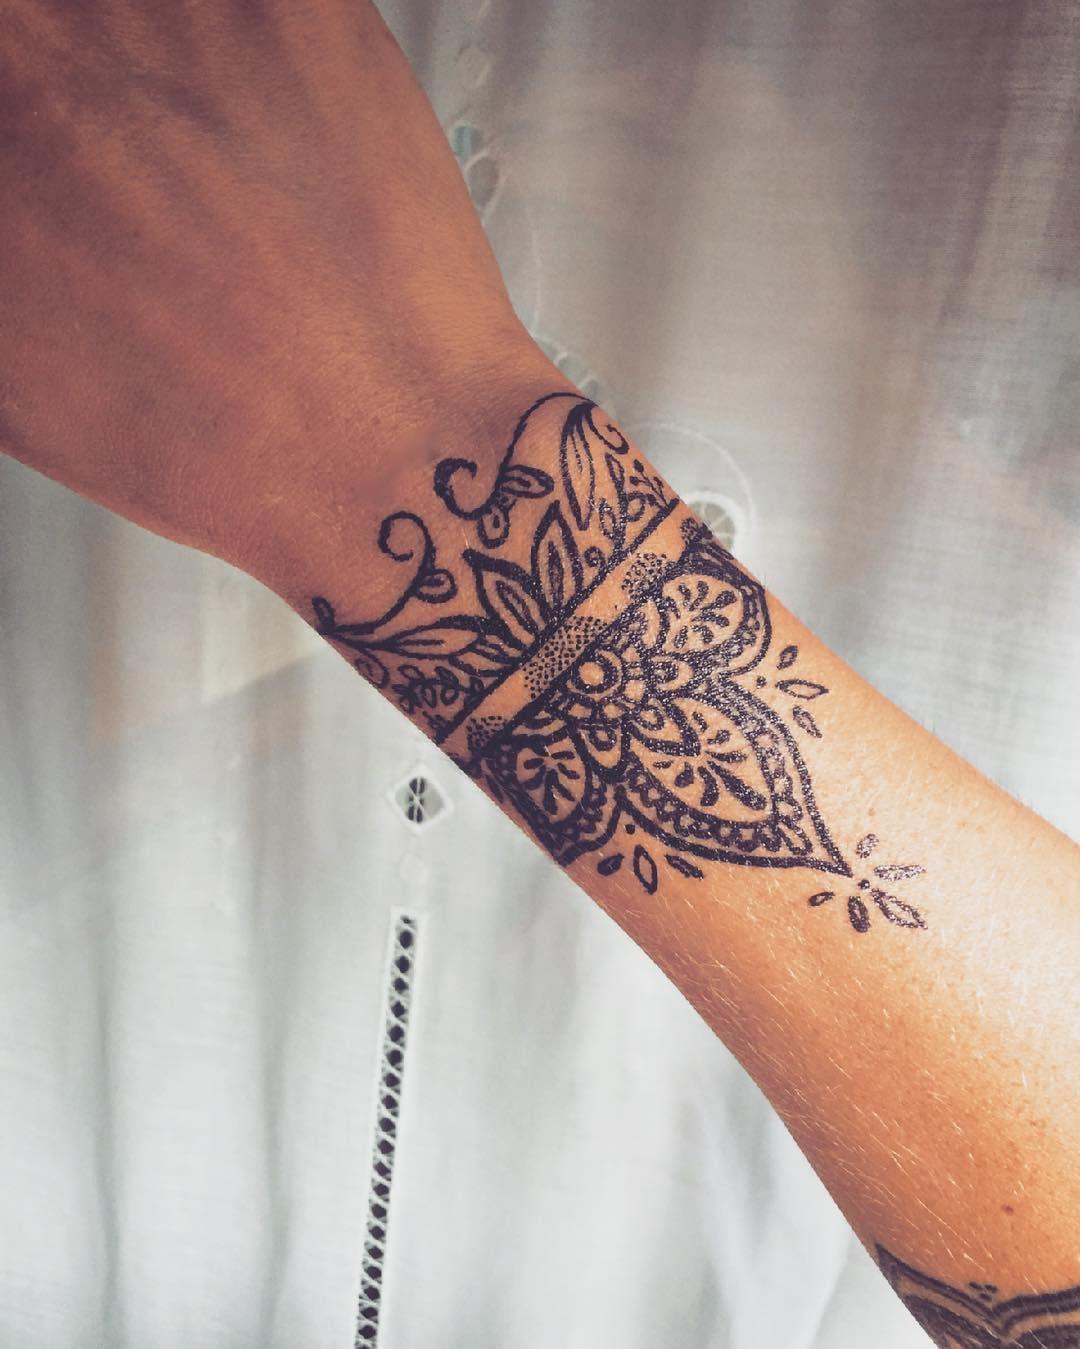 Wrist And Bracelet Tattoos For Women Men Bracelet Tattoos Mens Wrist Tattoos For Women Bracelet Cuff Tattoo Forearm Tattoo Women Wrist Tattoos For Guys